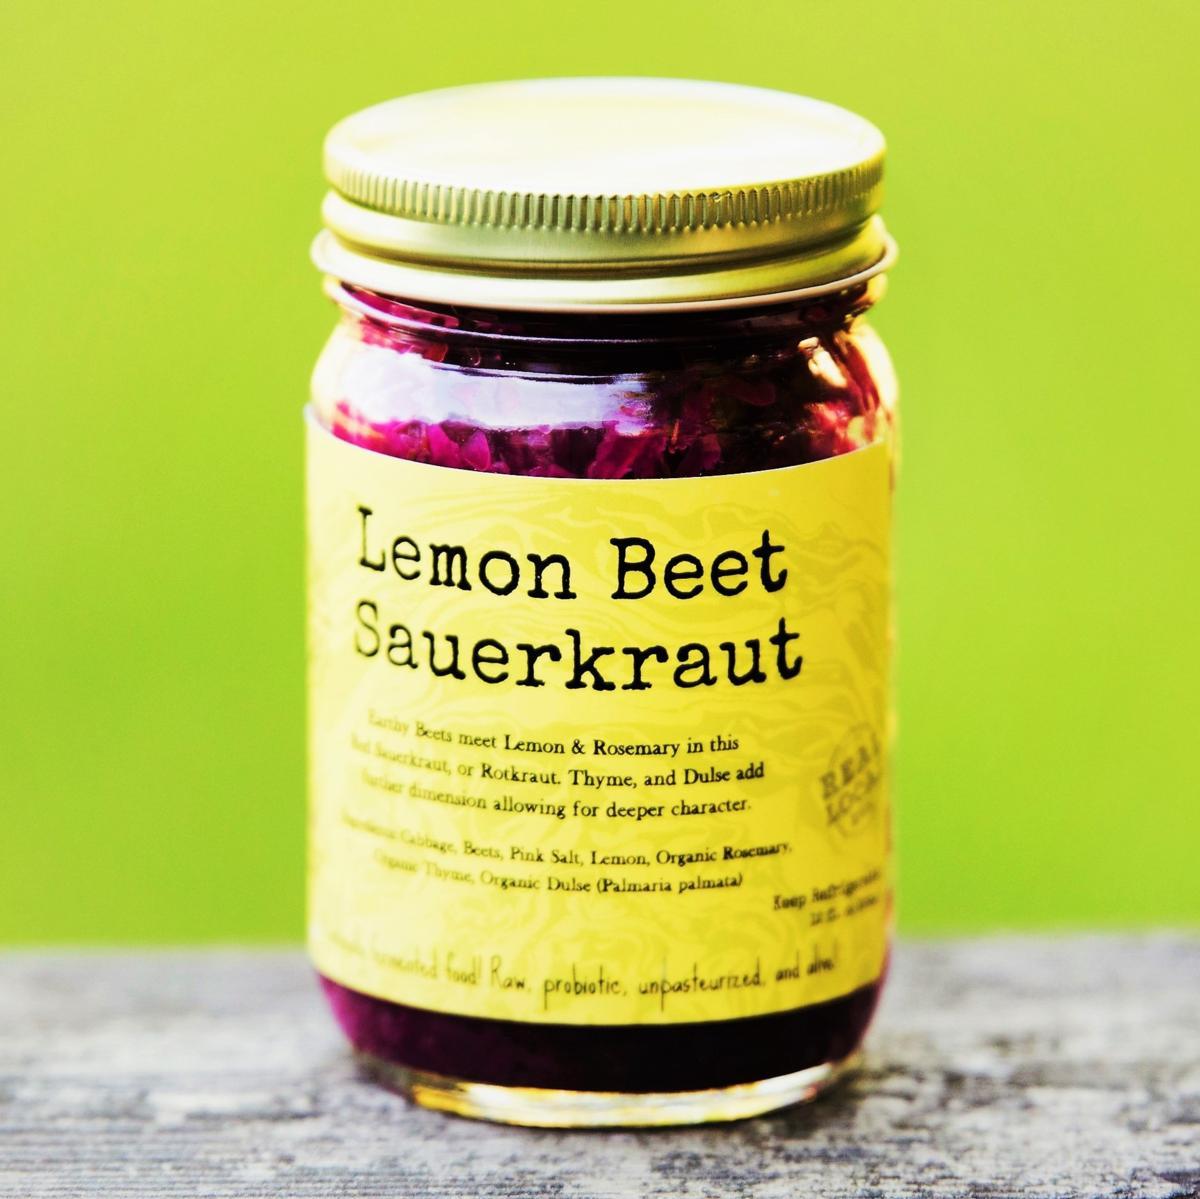 Sauerkraut: Lemon Beet